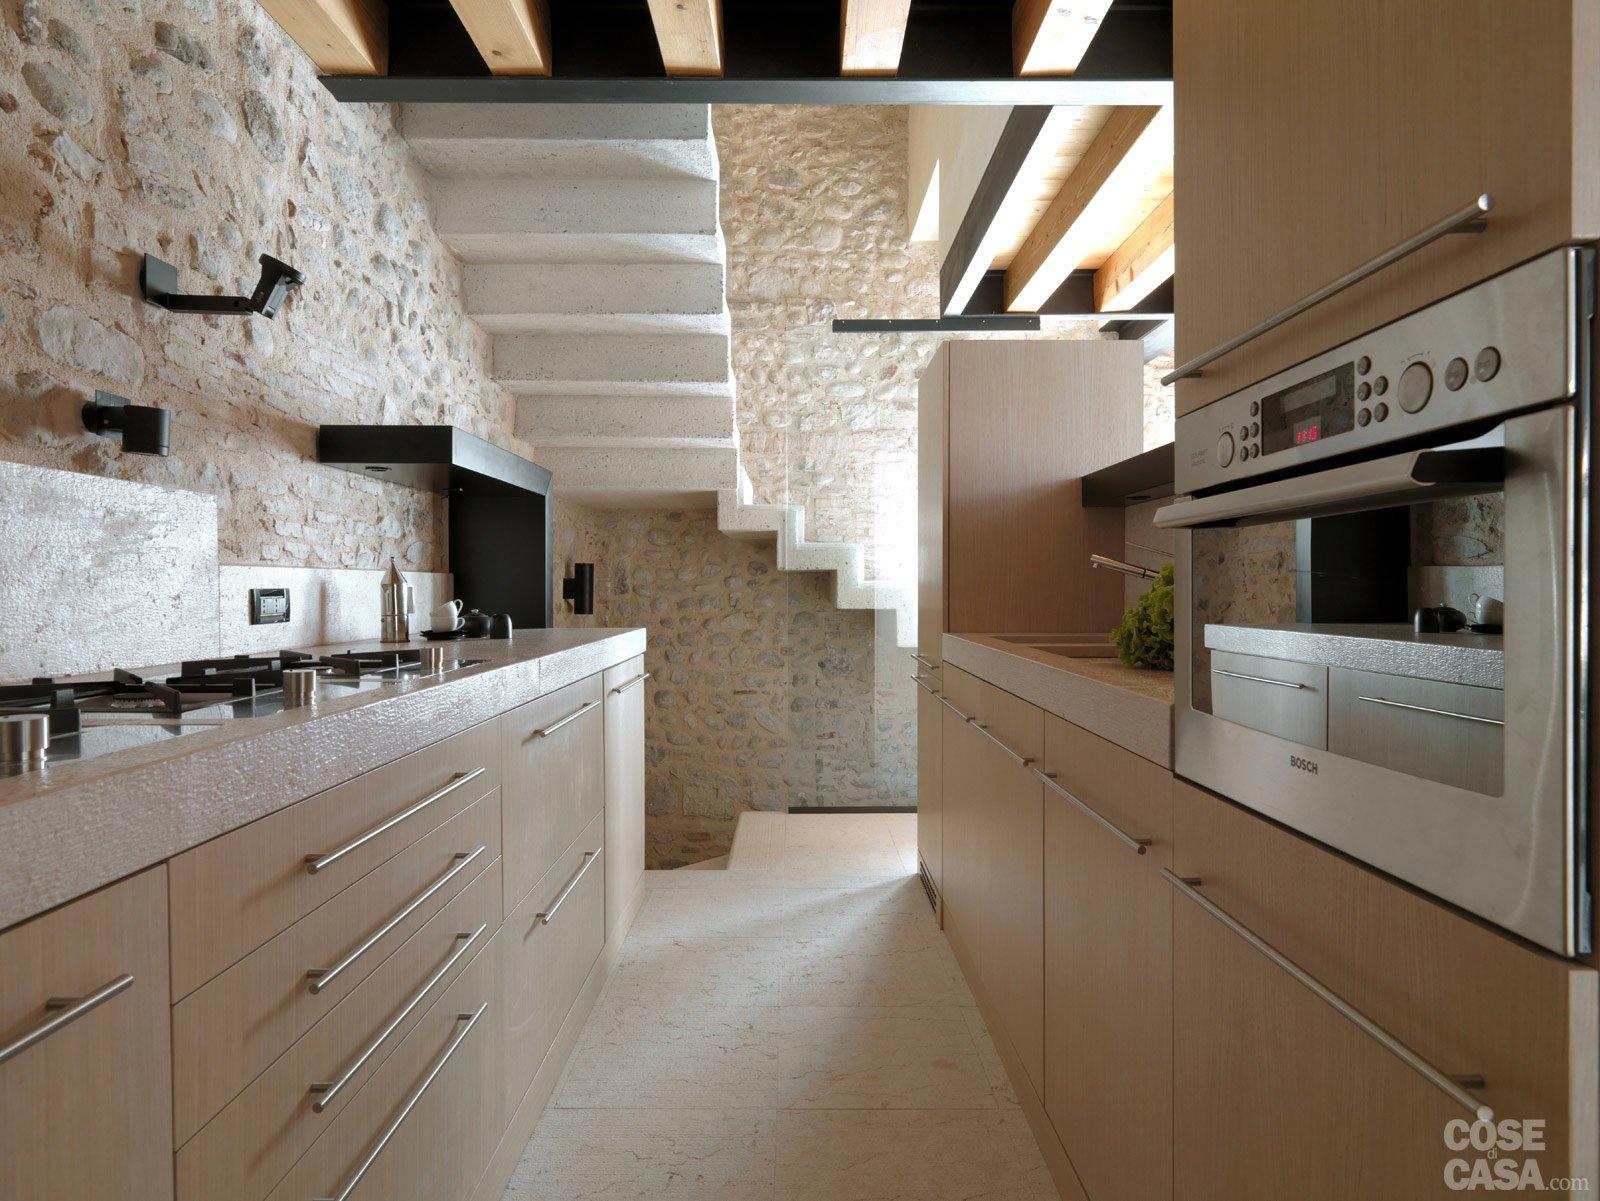 Legno e pietra a vista nella casa restaurata cose di casa - Scale per appartamenti ...